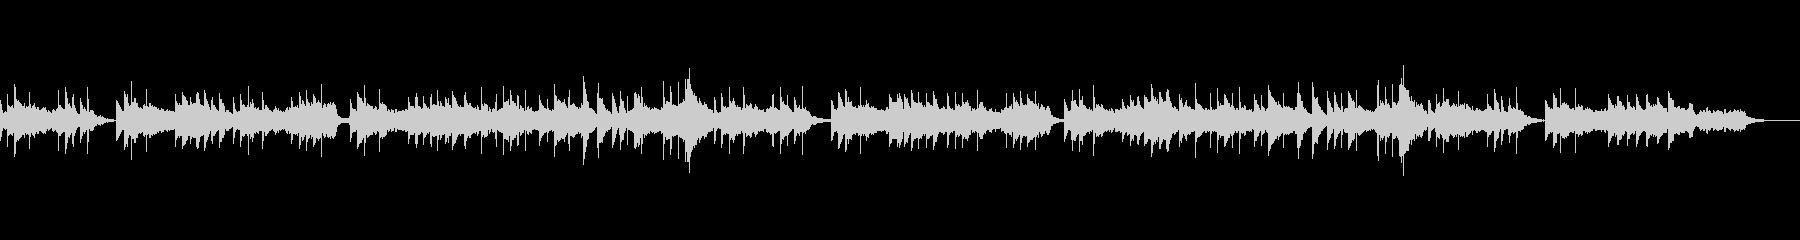 琵琶と弦楽器:チャイナ・大和国テーマの未再生の波形